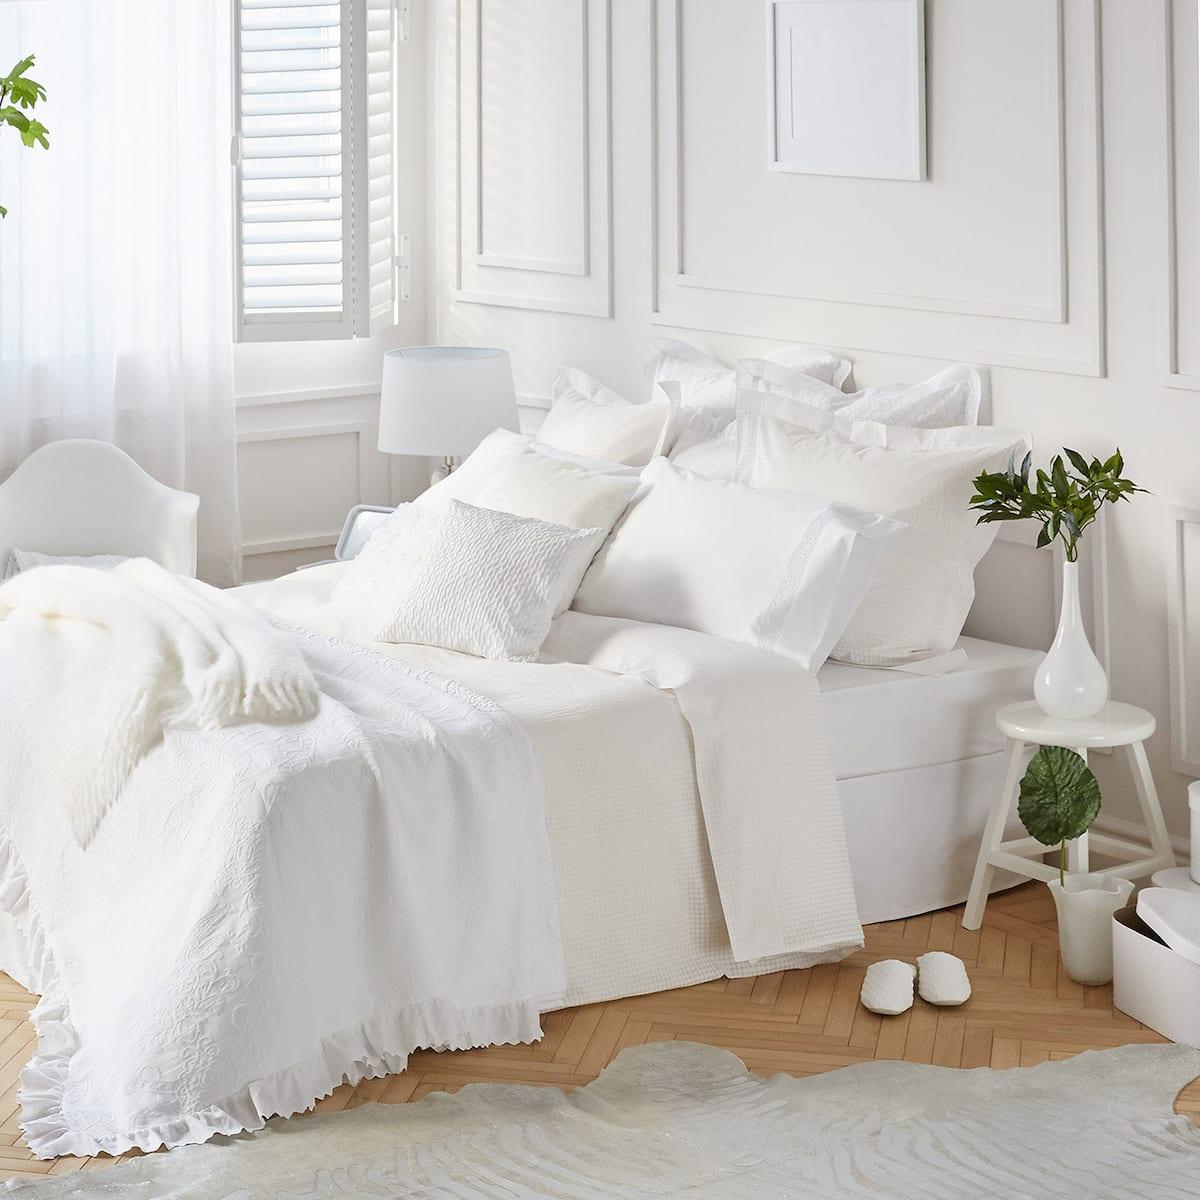 Плотность ткани: руководство по плотности тканей для постельных принадлежностей